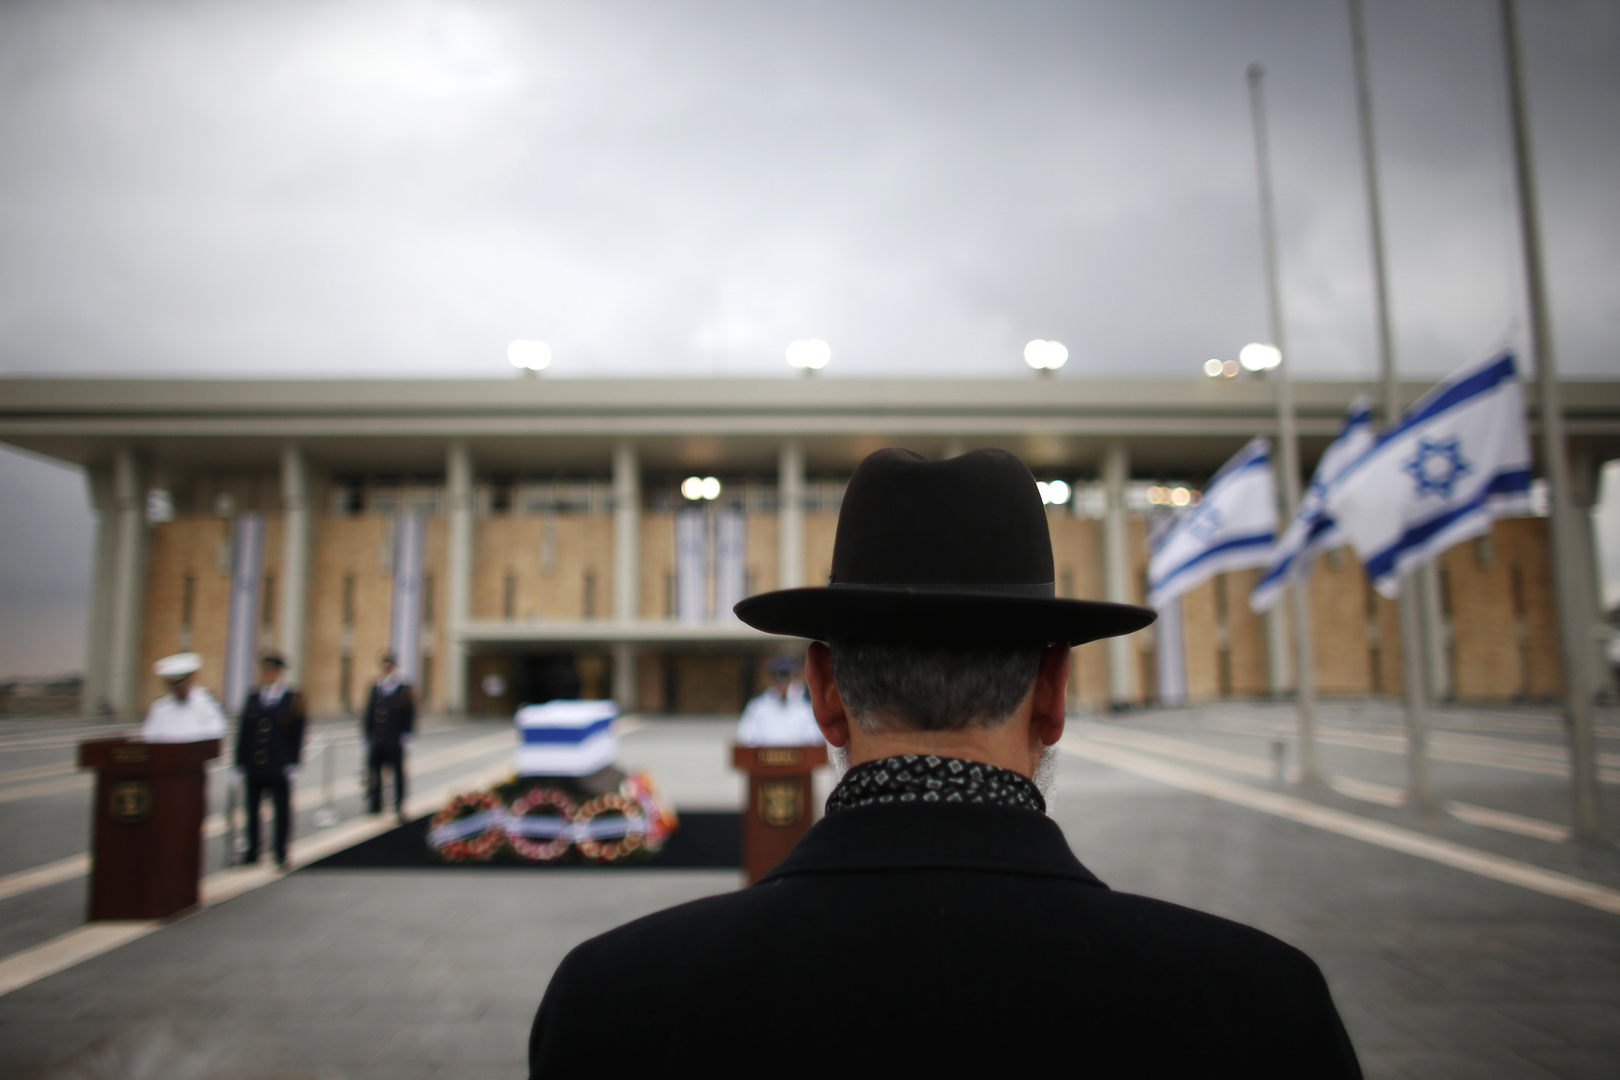 الكنيست الإسرائيلي - صورة أرشيفية